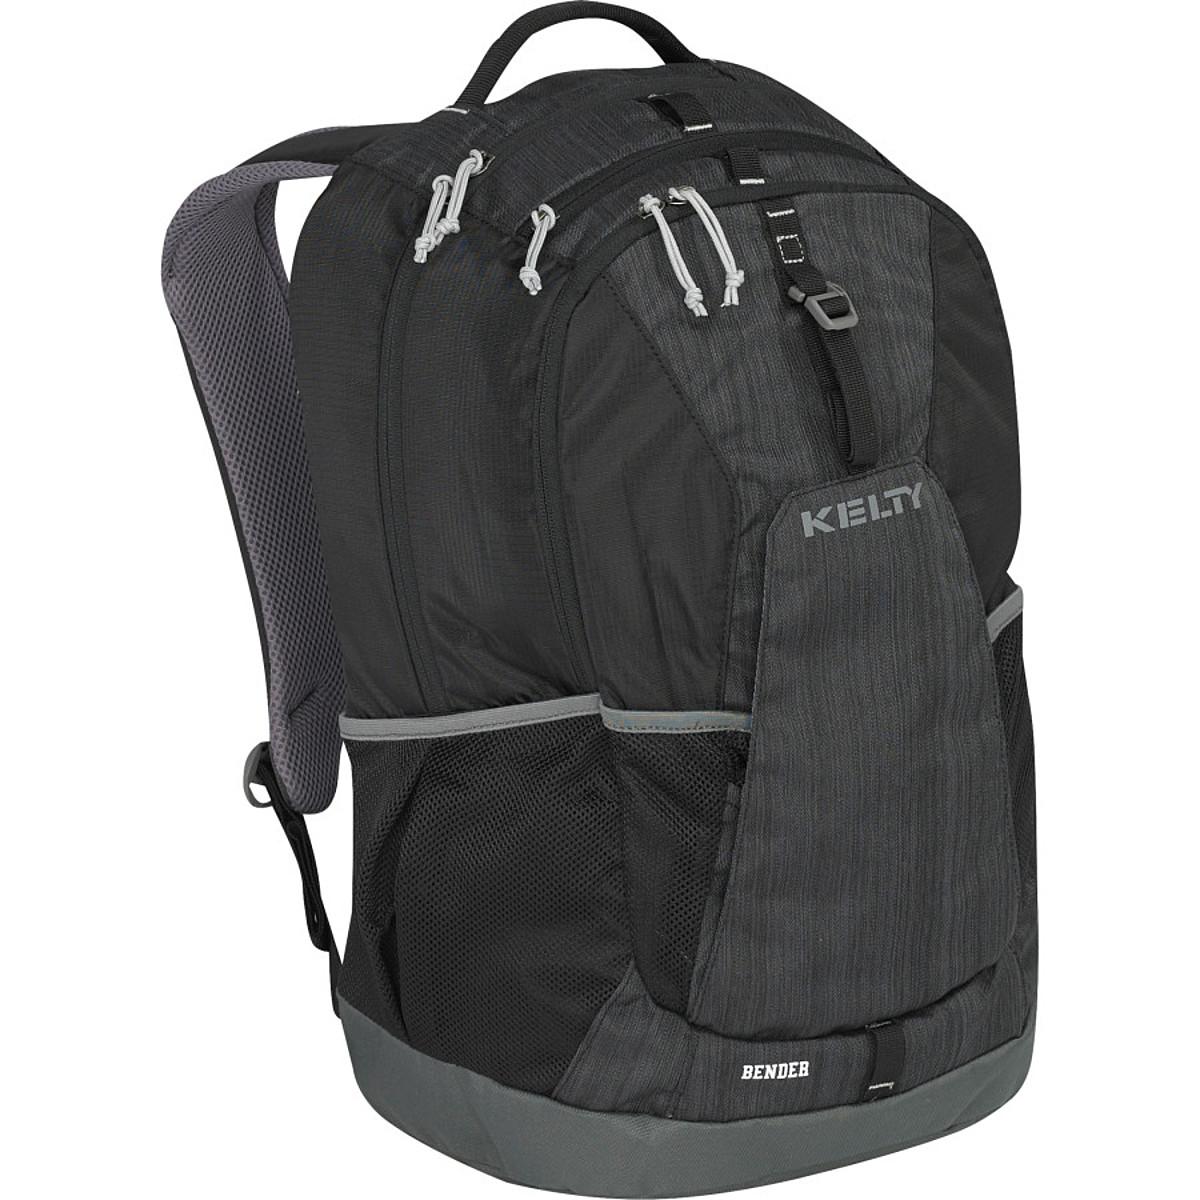 Kelty Bender Daypack